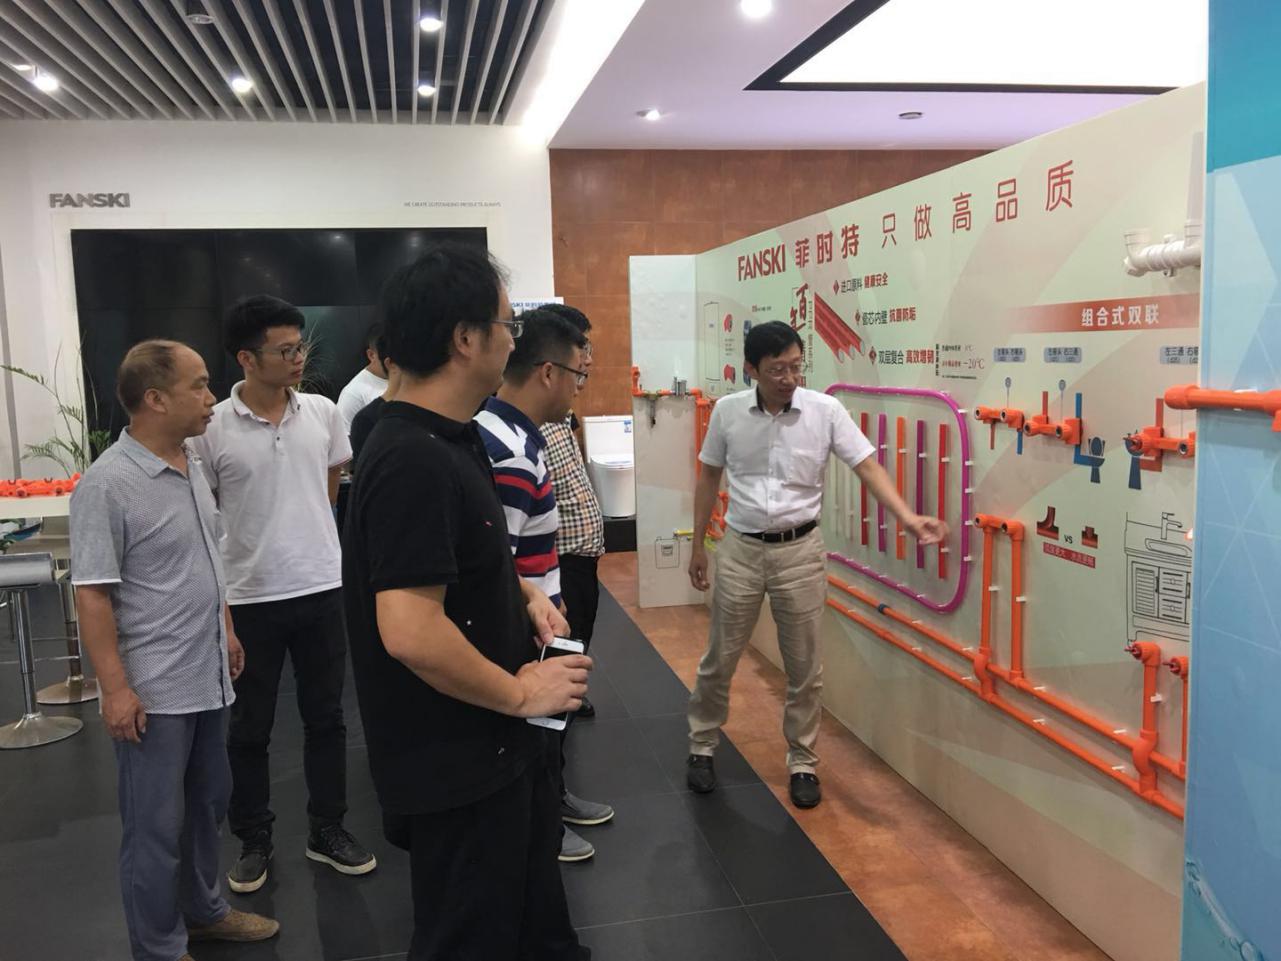 上海建工集团携手朗诗绿色地产领导莅临菲时特参观考察